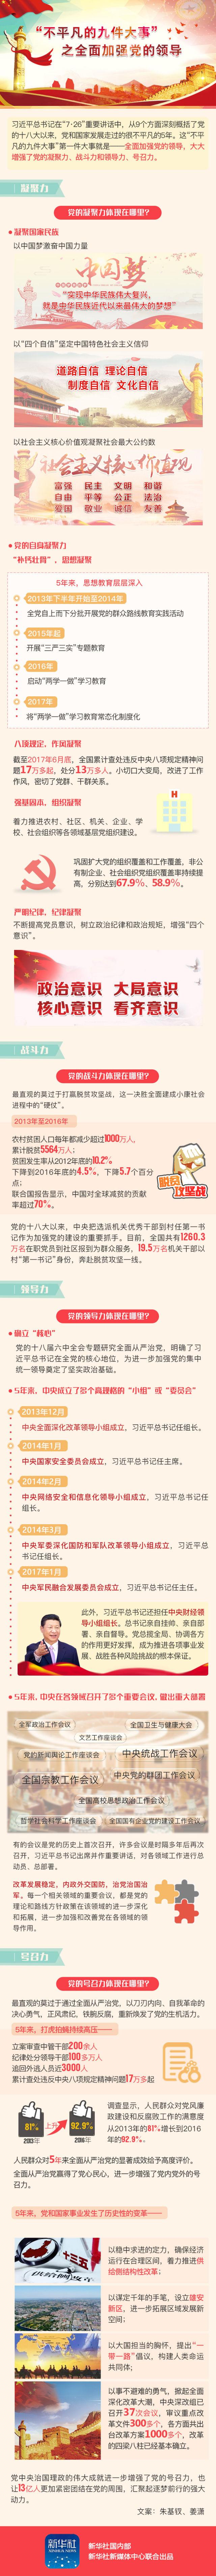 新华网评:党的坚强领导引领复兴航船